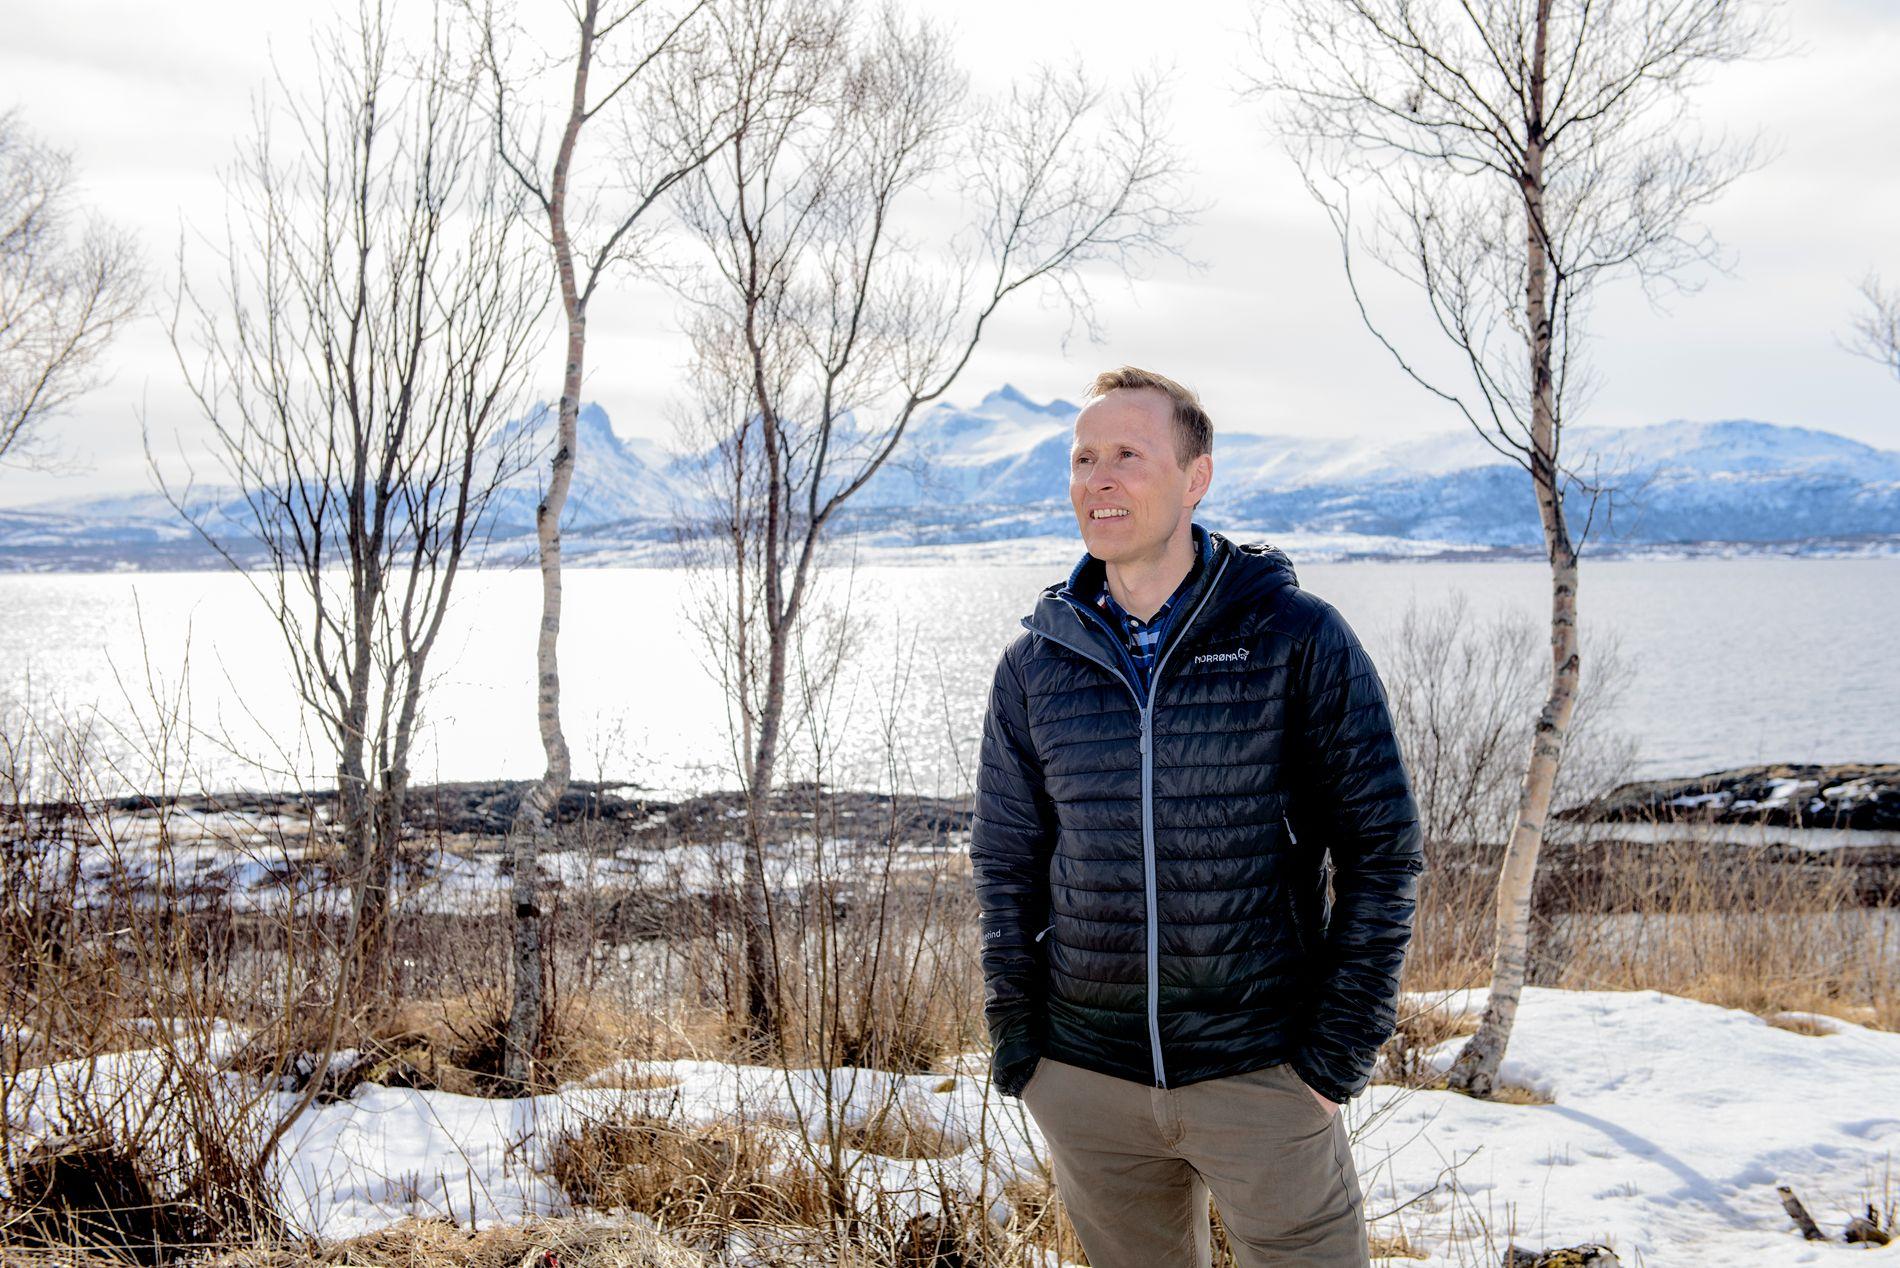 MOBILDISKUSJON: Rektor Erling Eiterjord har falt ned på mobilfri ungdomskole etter flere mellomløsninger.